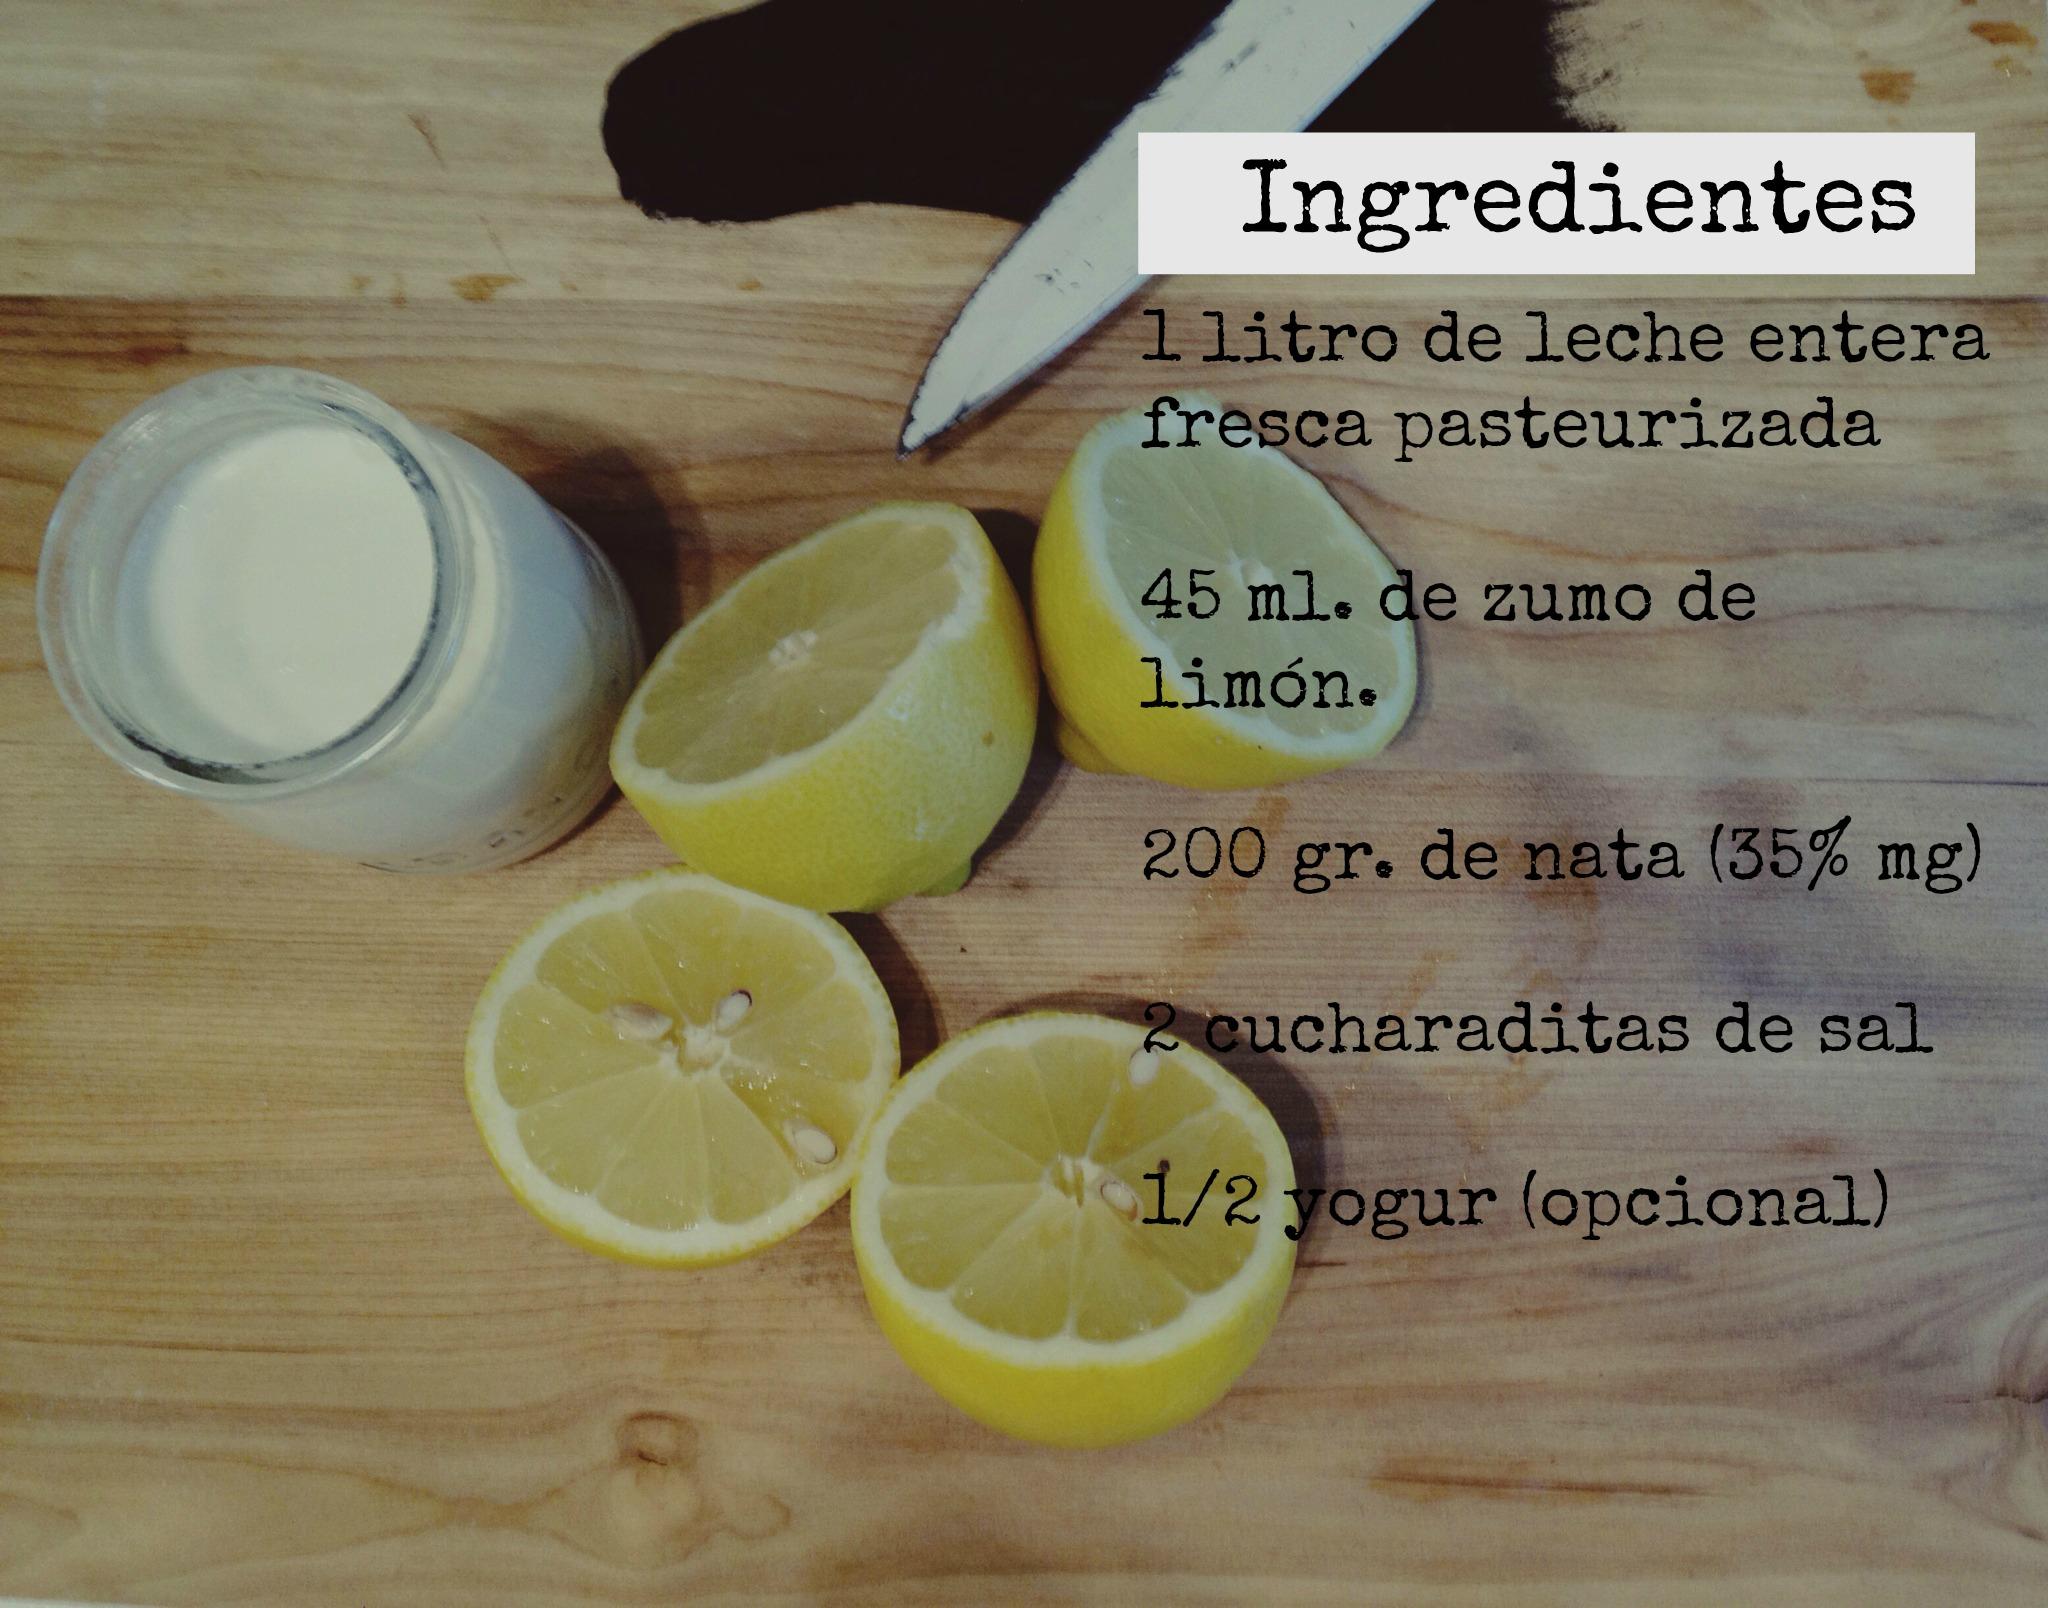 como se prepara el queso de leche